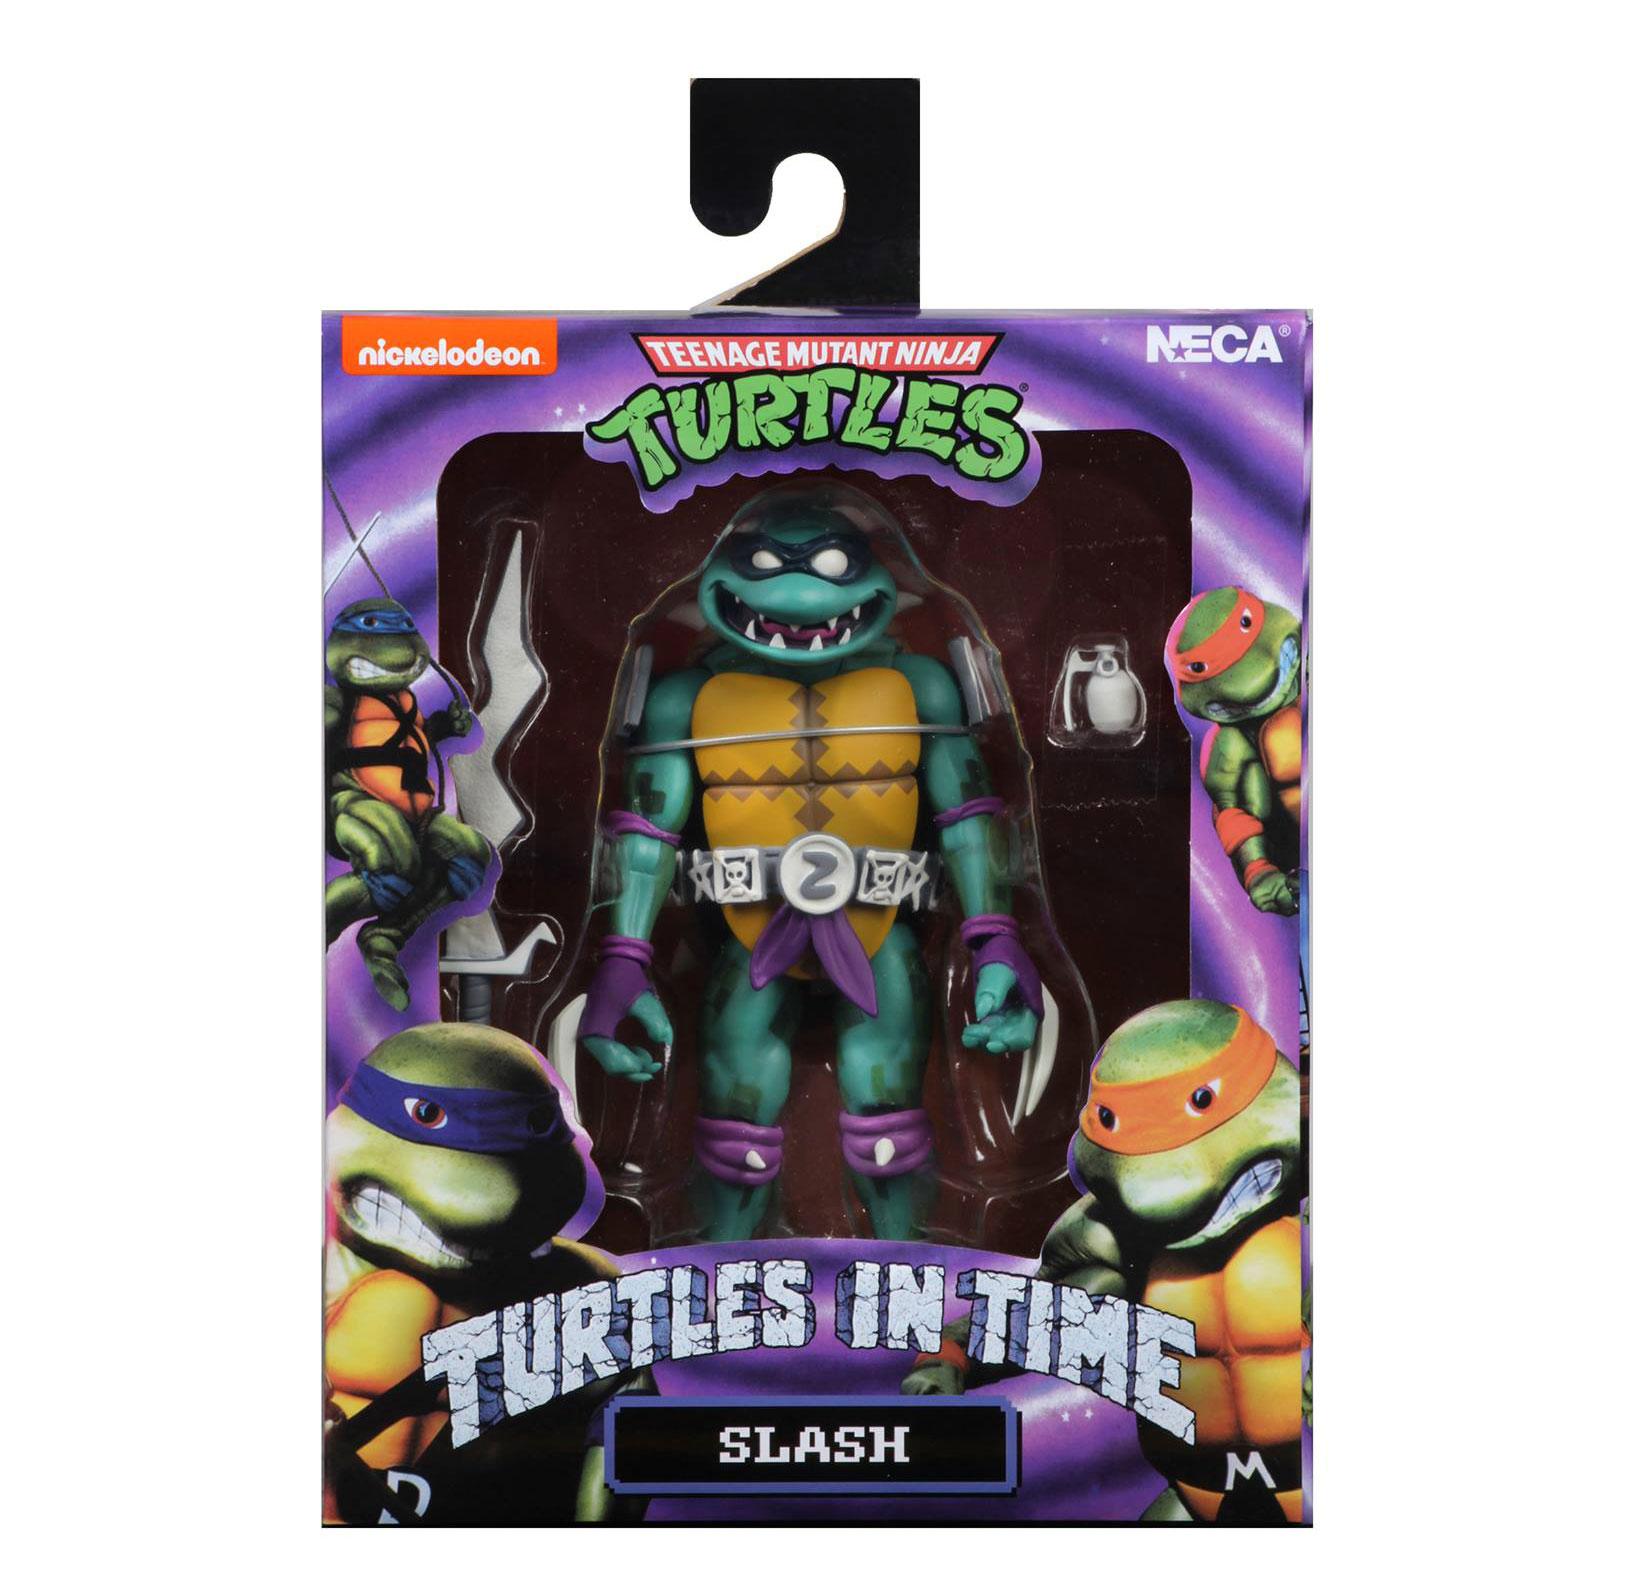 NECA-Turtles-In-Time-Slash-packaging